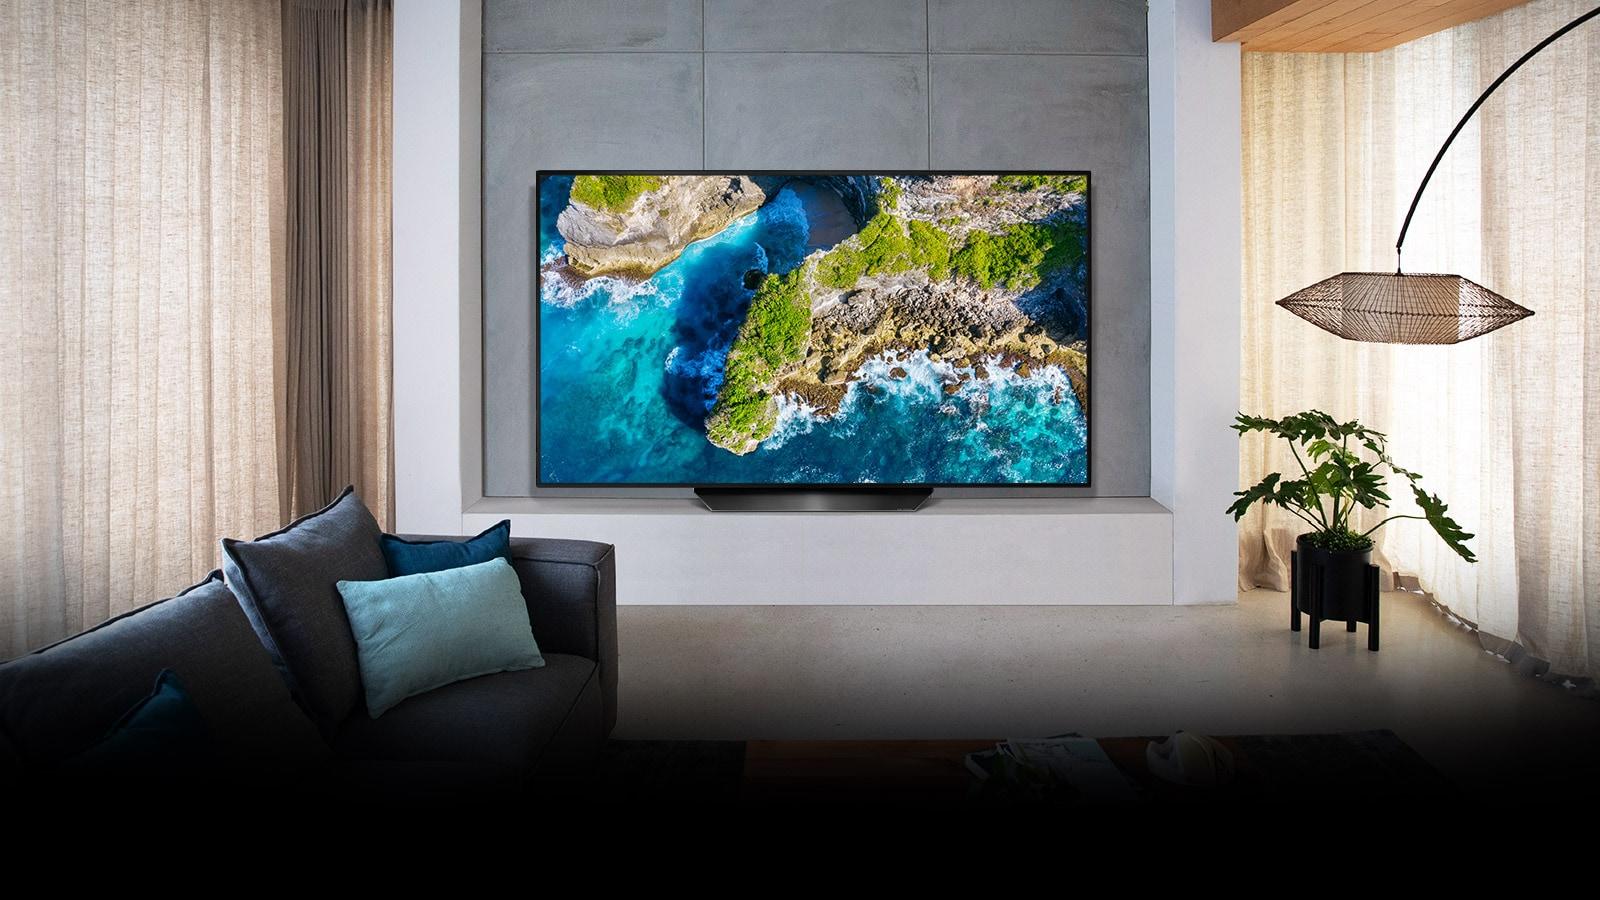 Telewizor w luksusowo urządzonym domu przedstawiający na ekranie obraz przyrody